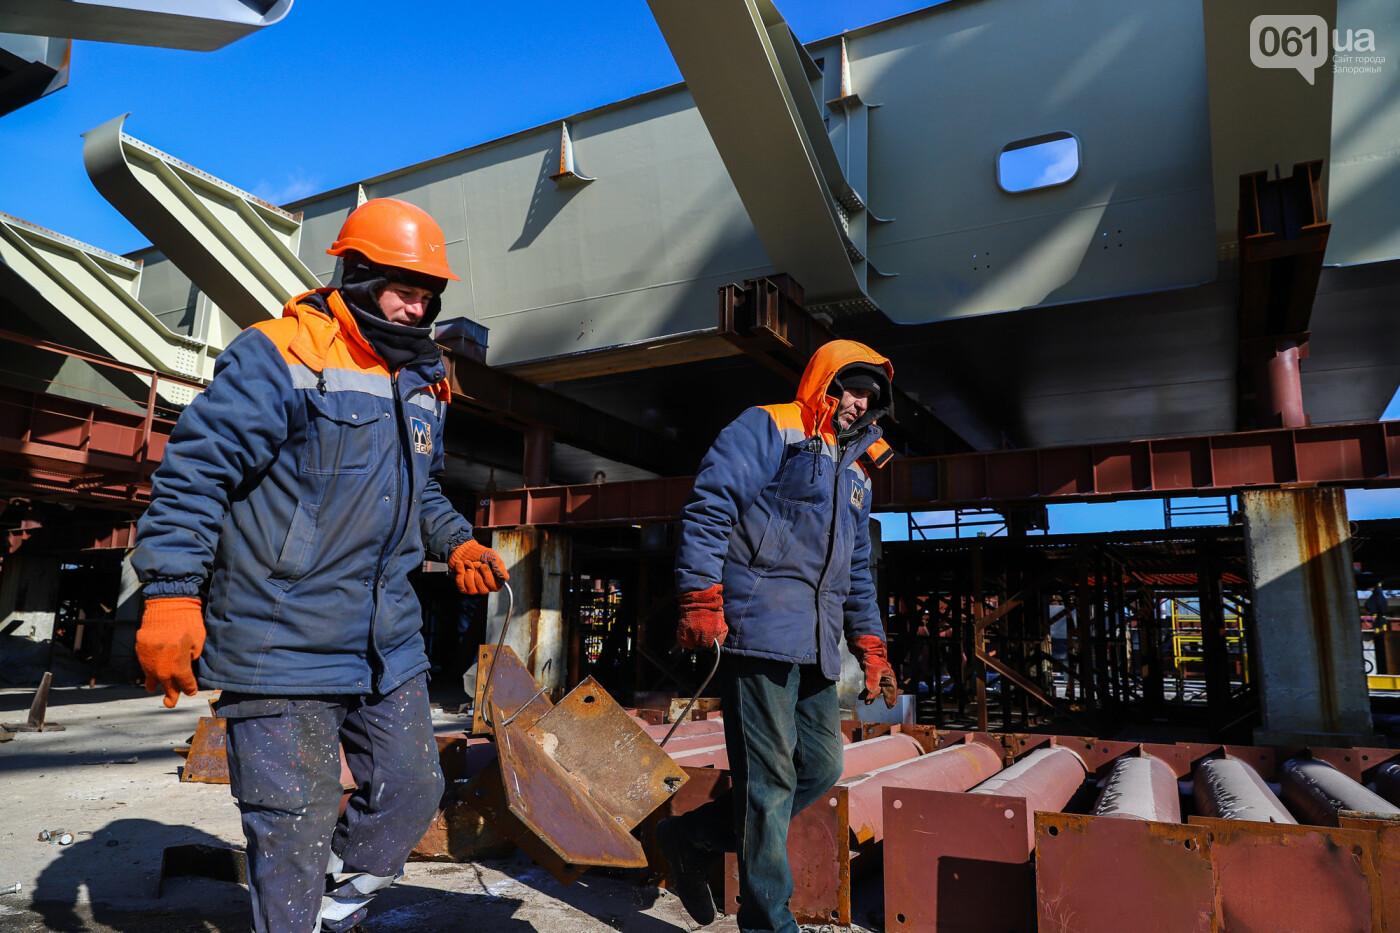 Кран с иностранной пропиской, ванты и металл: строительство запорожских мостов в фотографиях, фото-13